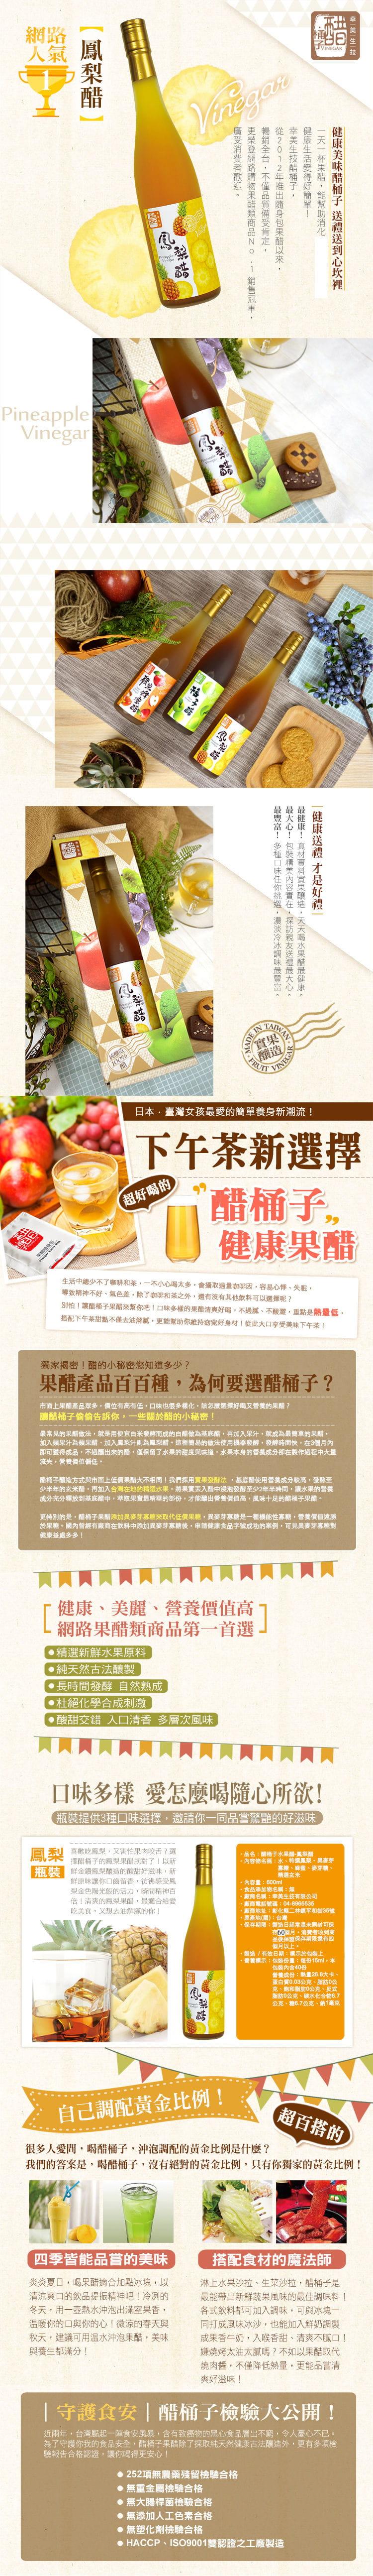 【醋桶子】實果釀造水果醋禮盒 2